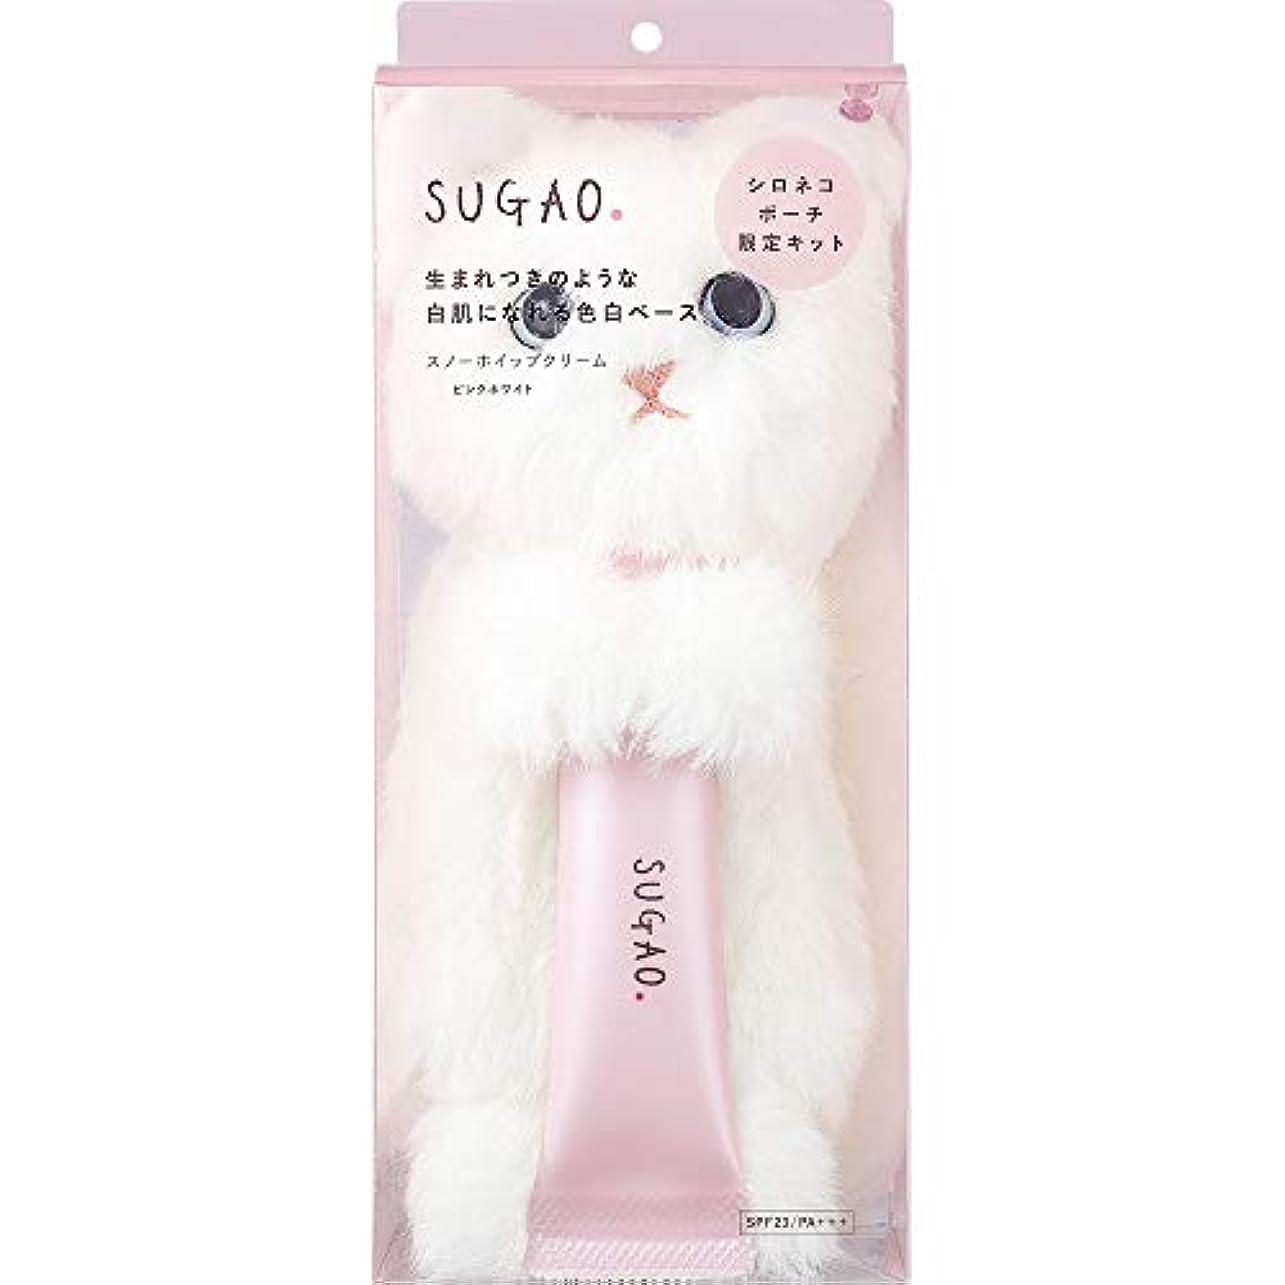 ジーンズ州十分スガオ (SUGAO) 化粧下地 スノーホイップクリーム シロネコポーチ付き